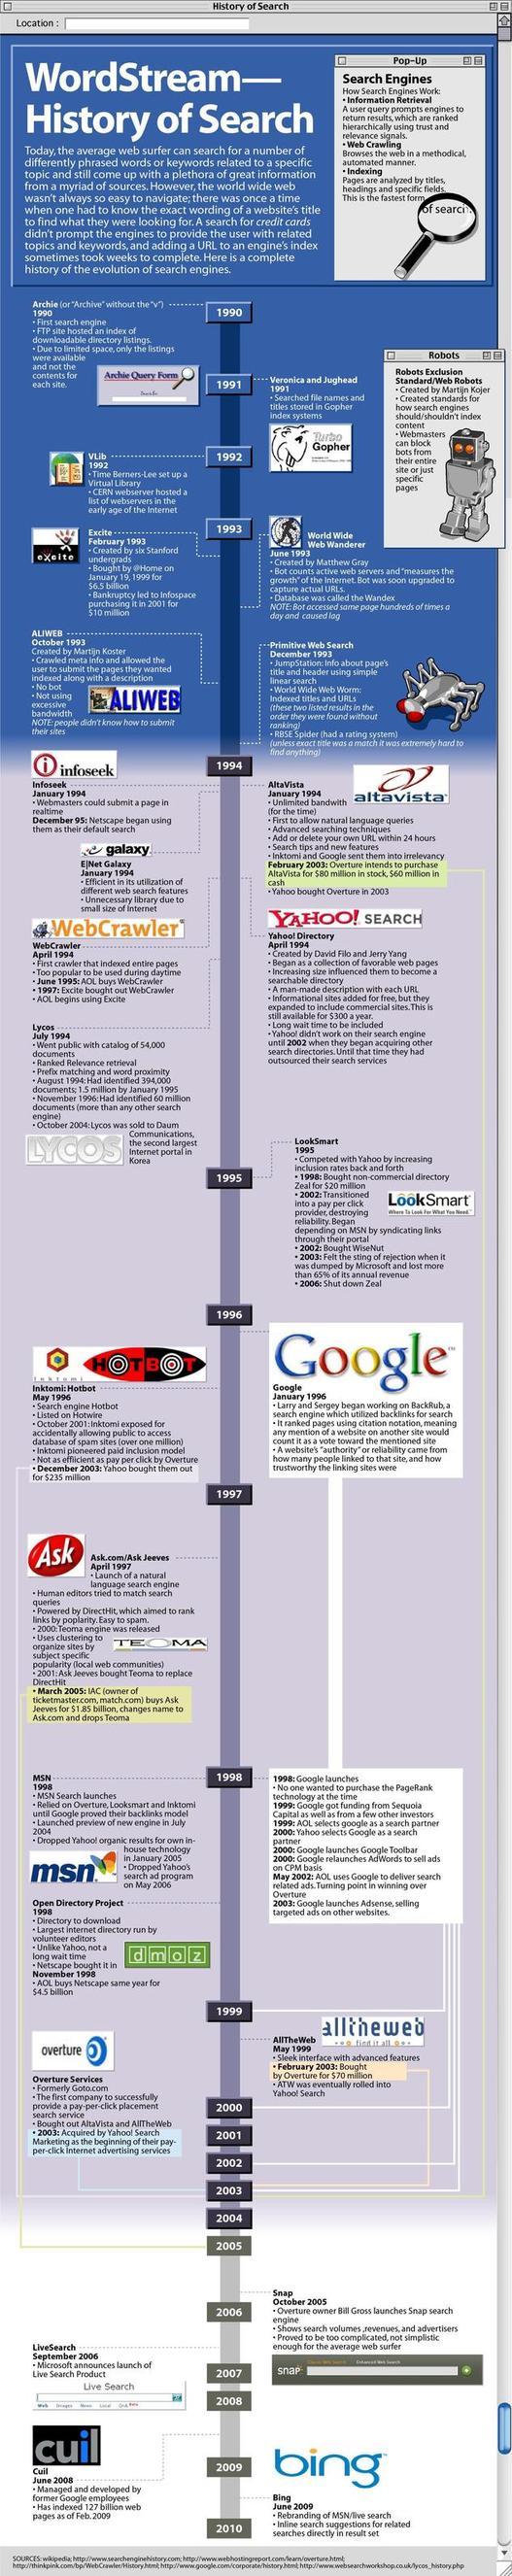 L'histoire des moteurs de recherche en 1 image